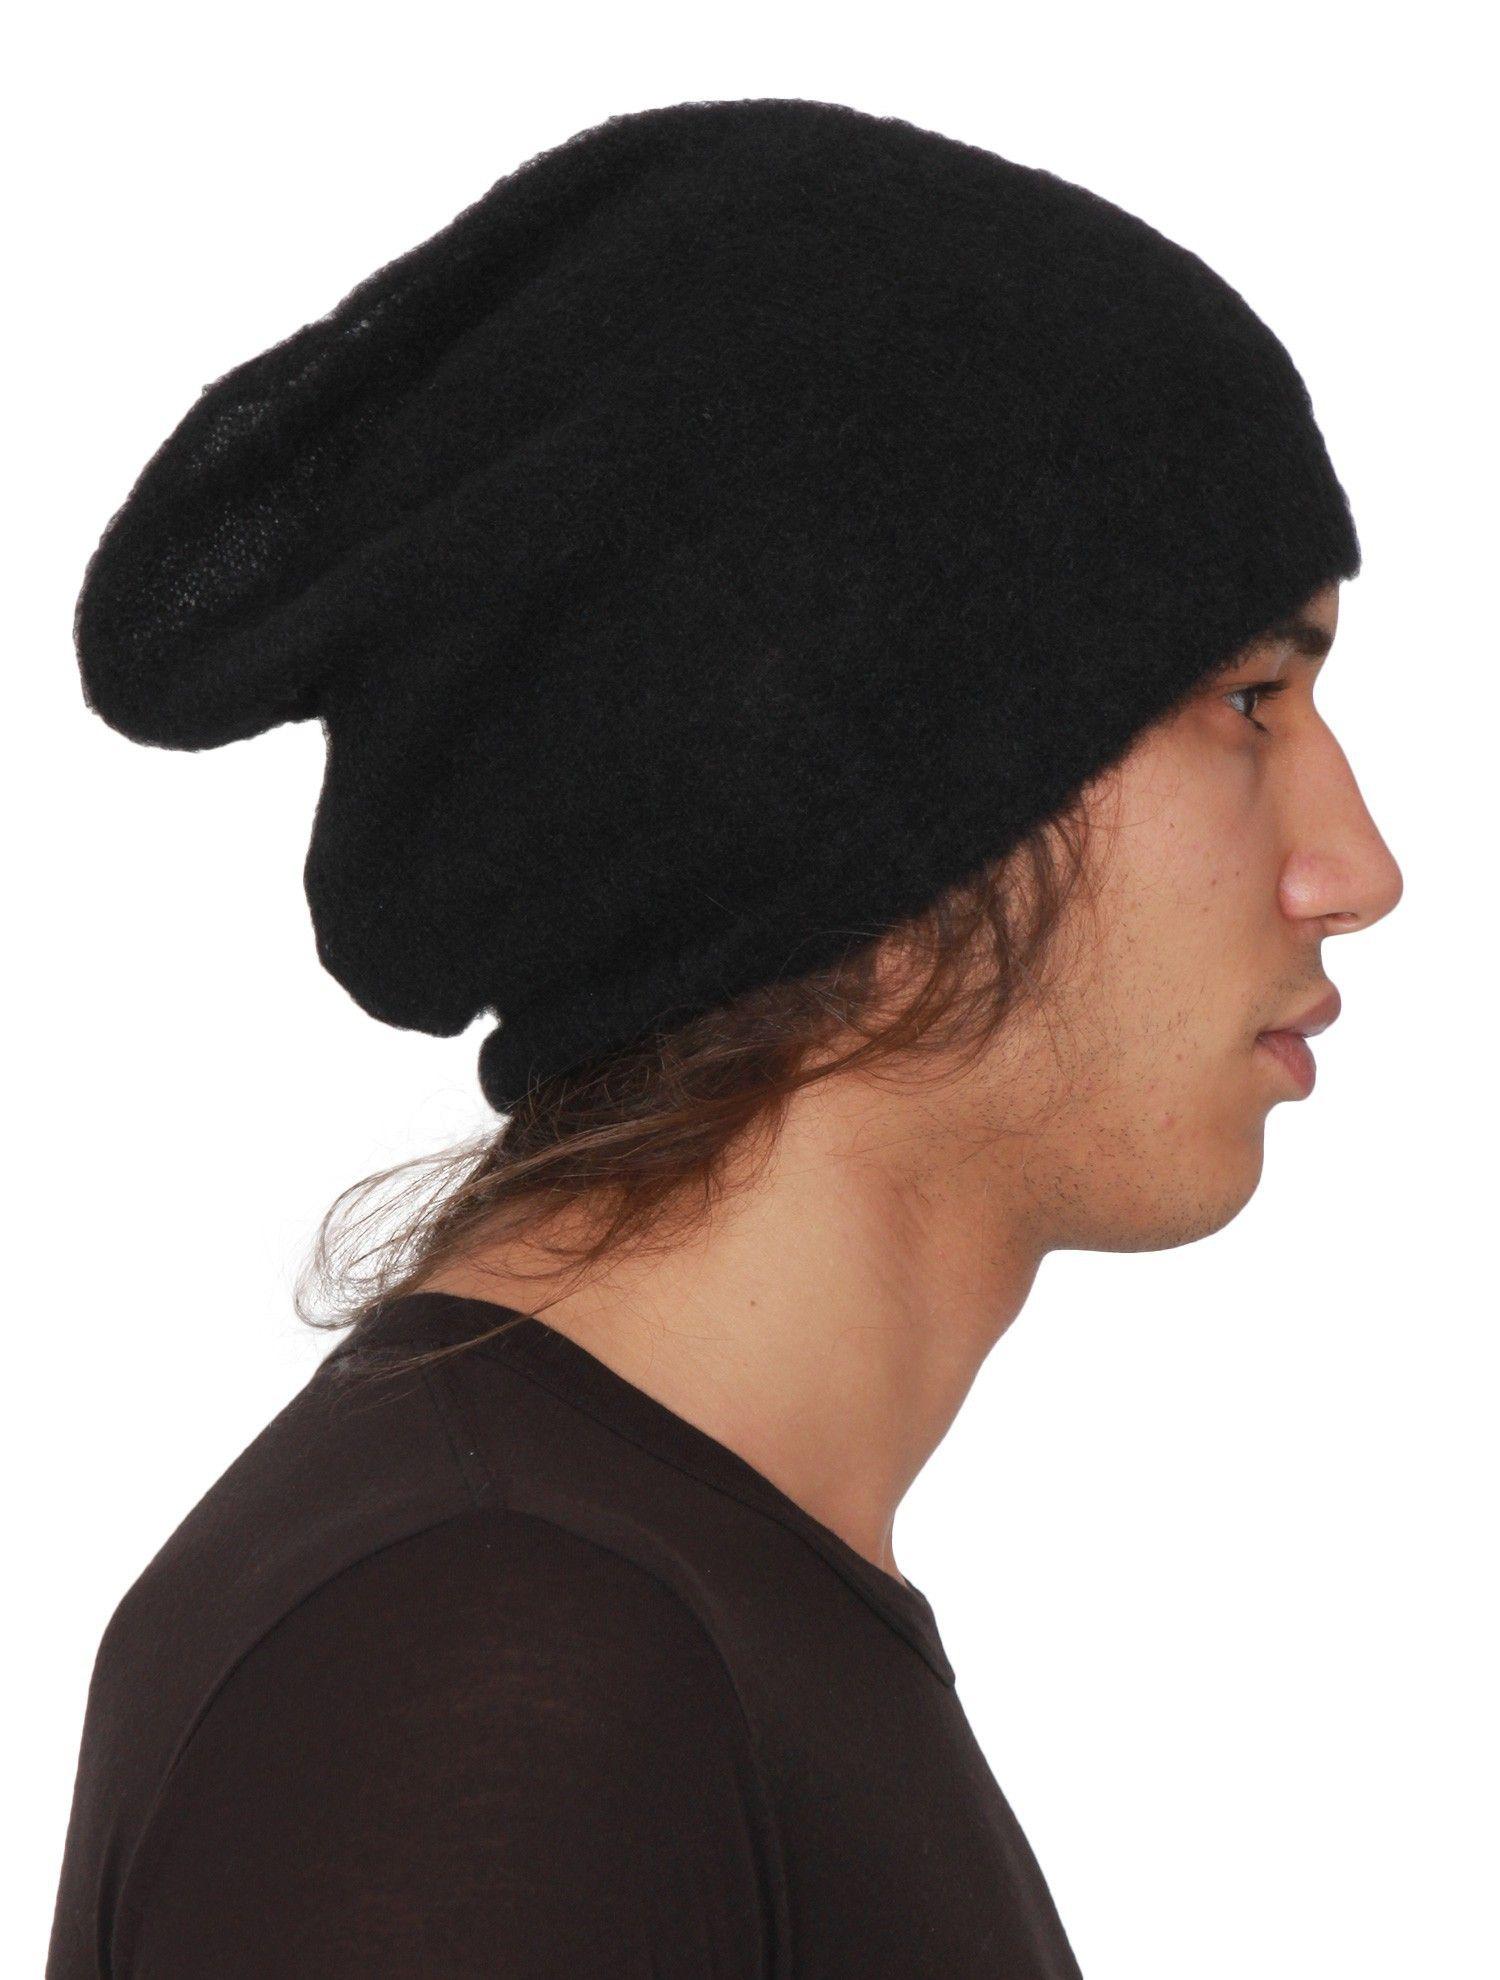 4870f3264a1e3 RICK OWENS  Big Hat  Men s Boiled Mohair Beanie - Black - serie ...